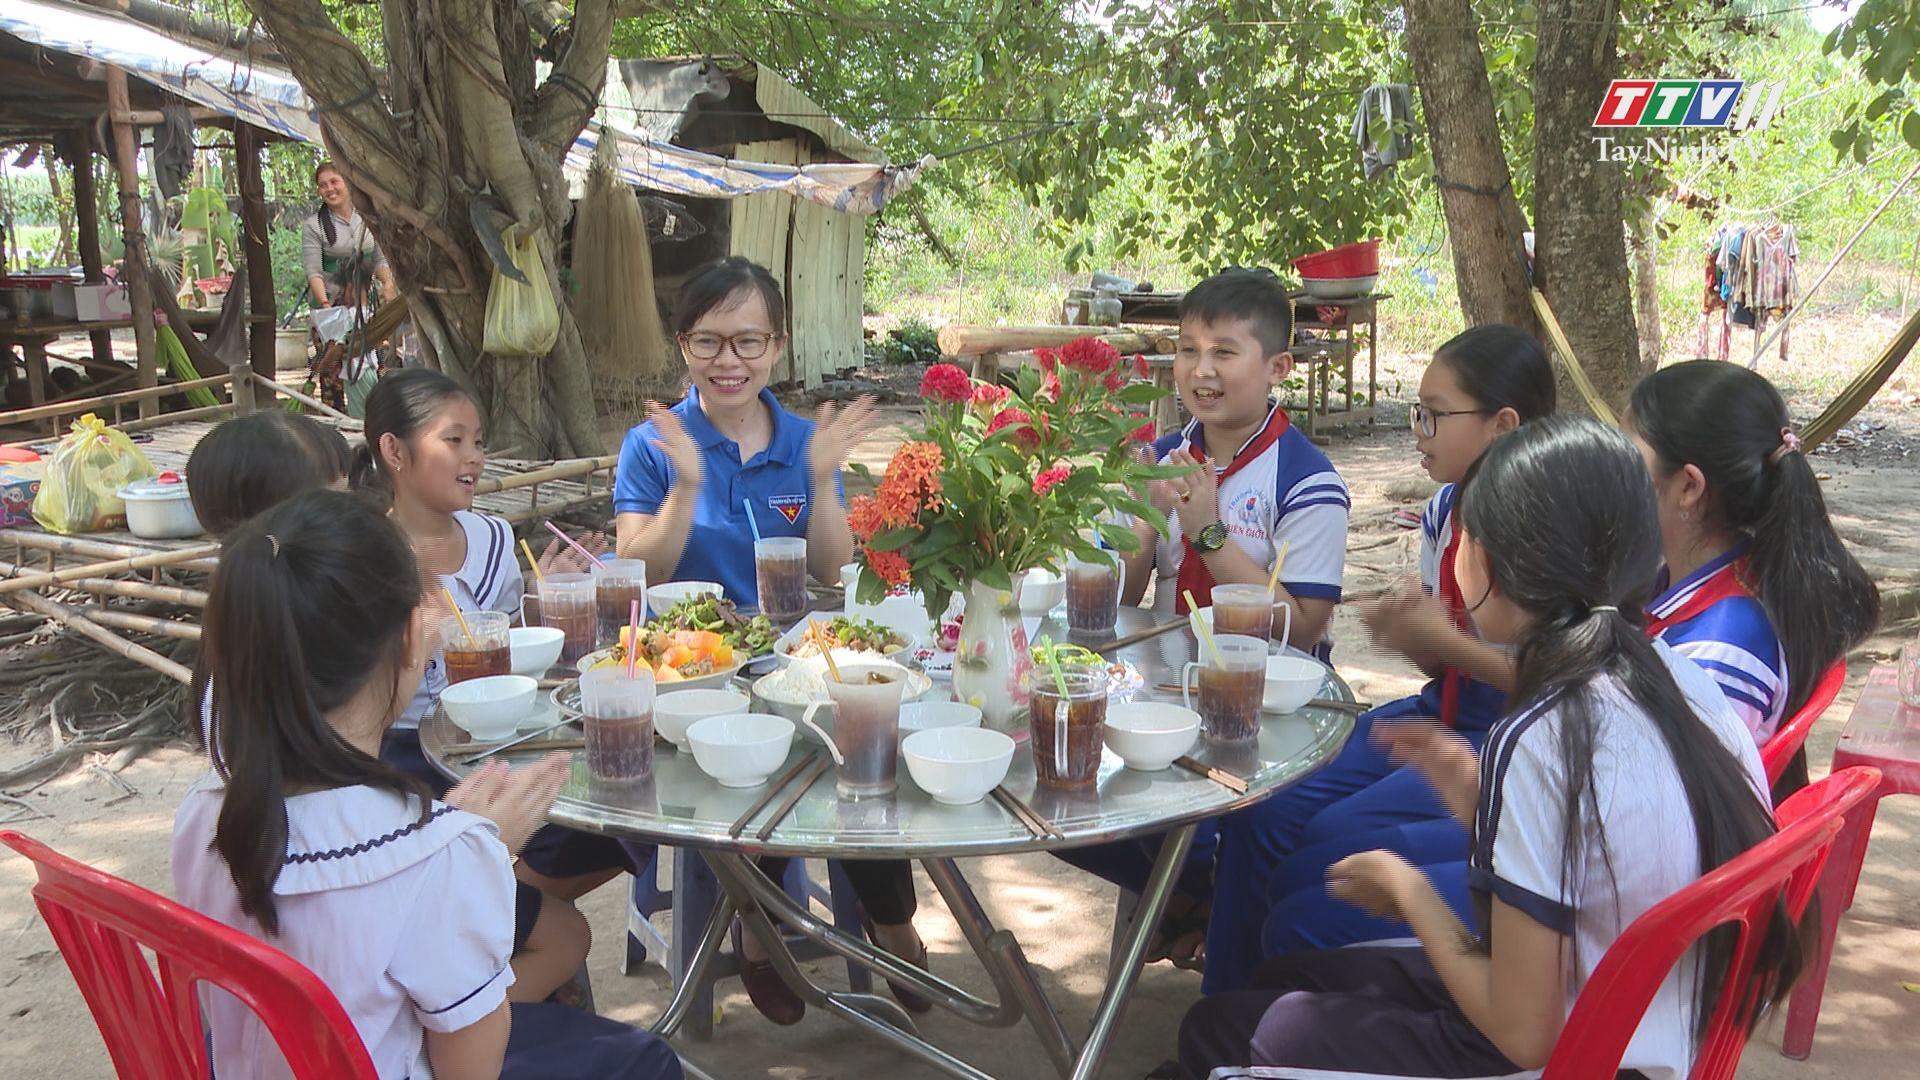 Bữa cơm Đội viên - Mô hình giàu tính nhân văn | THANH NIÊN | TayNinhTV